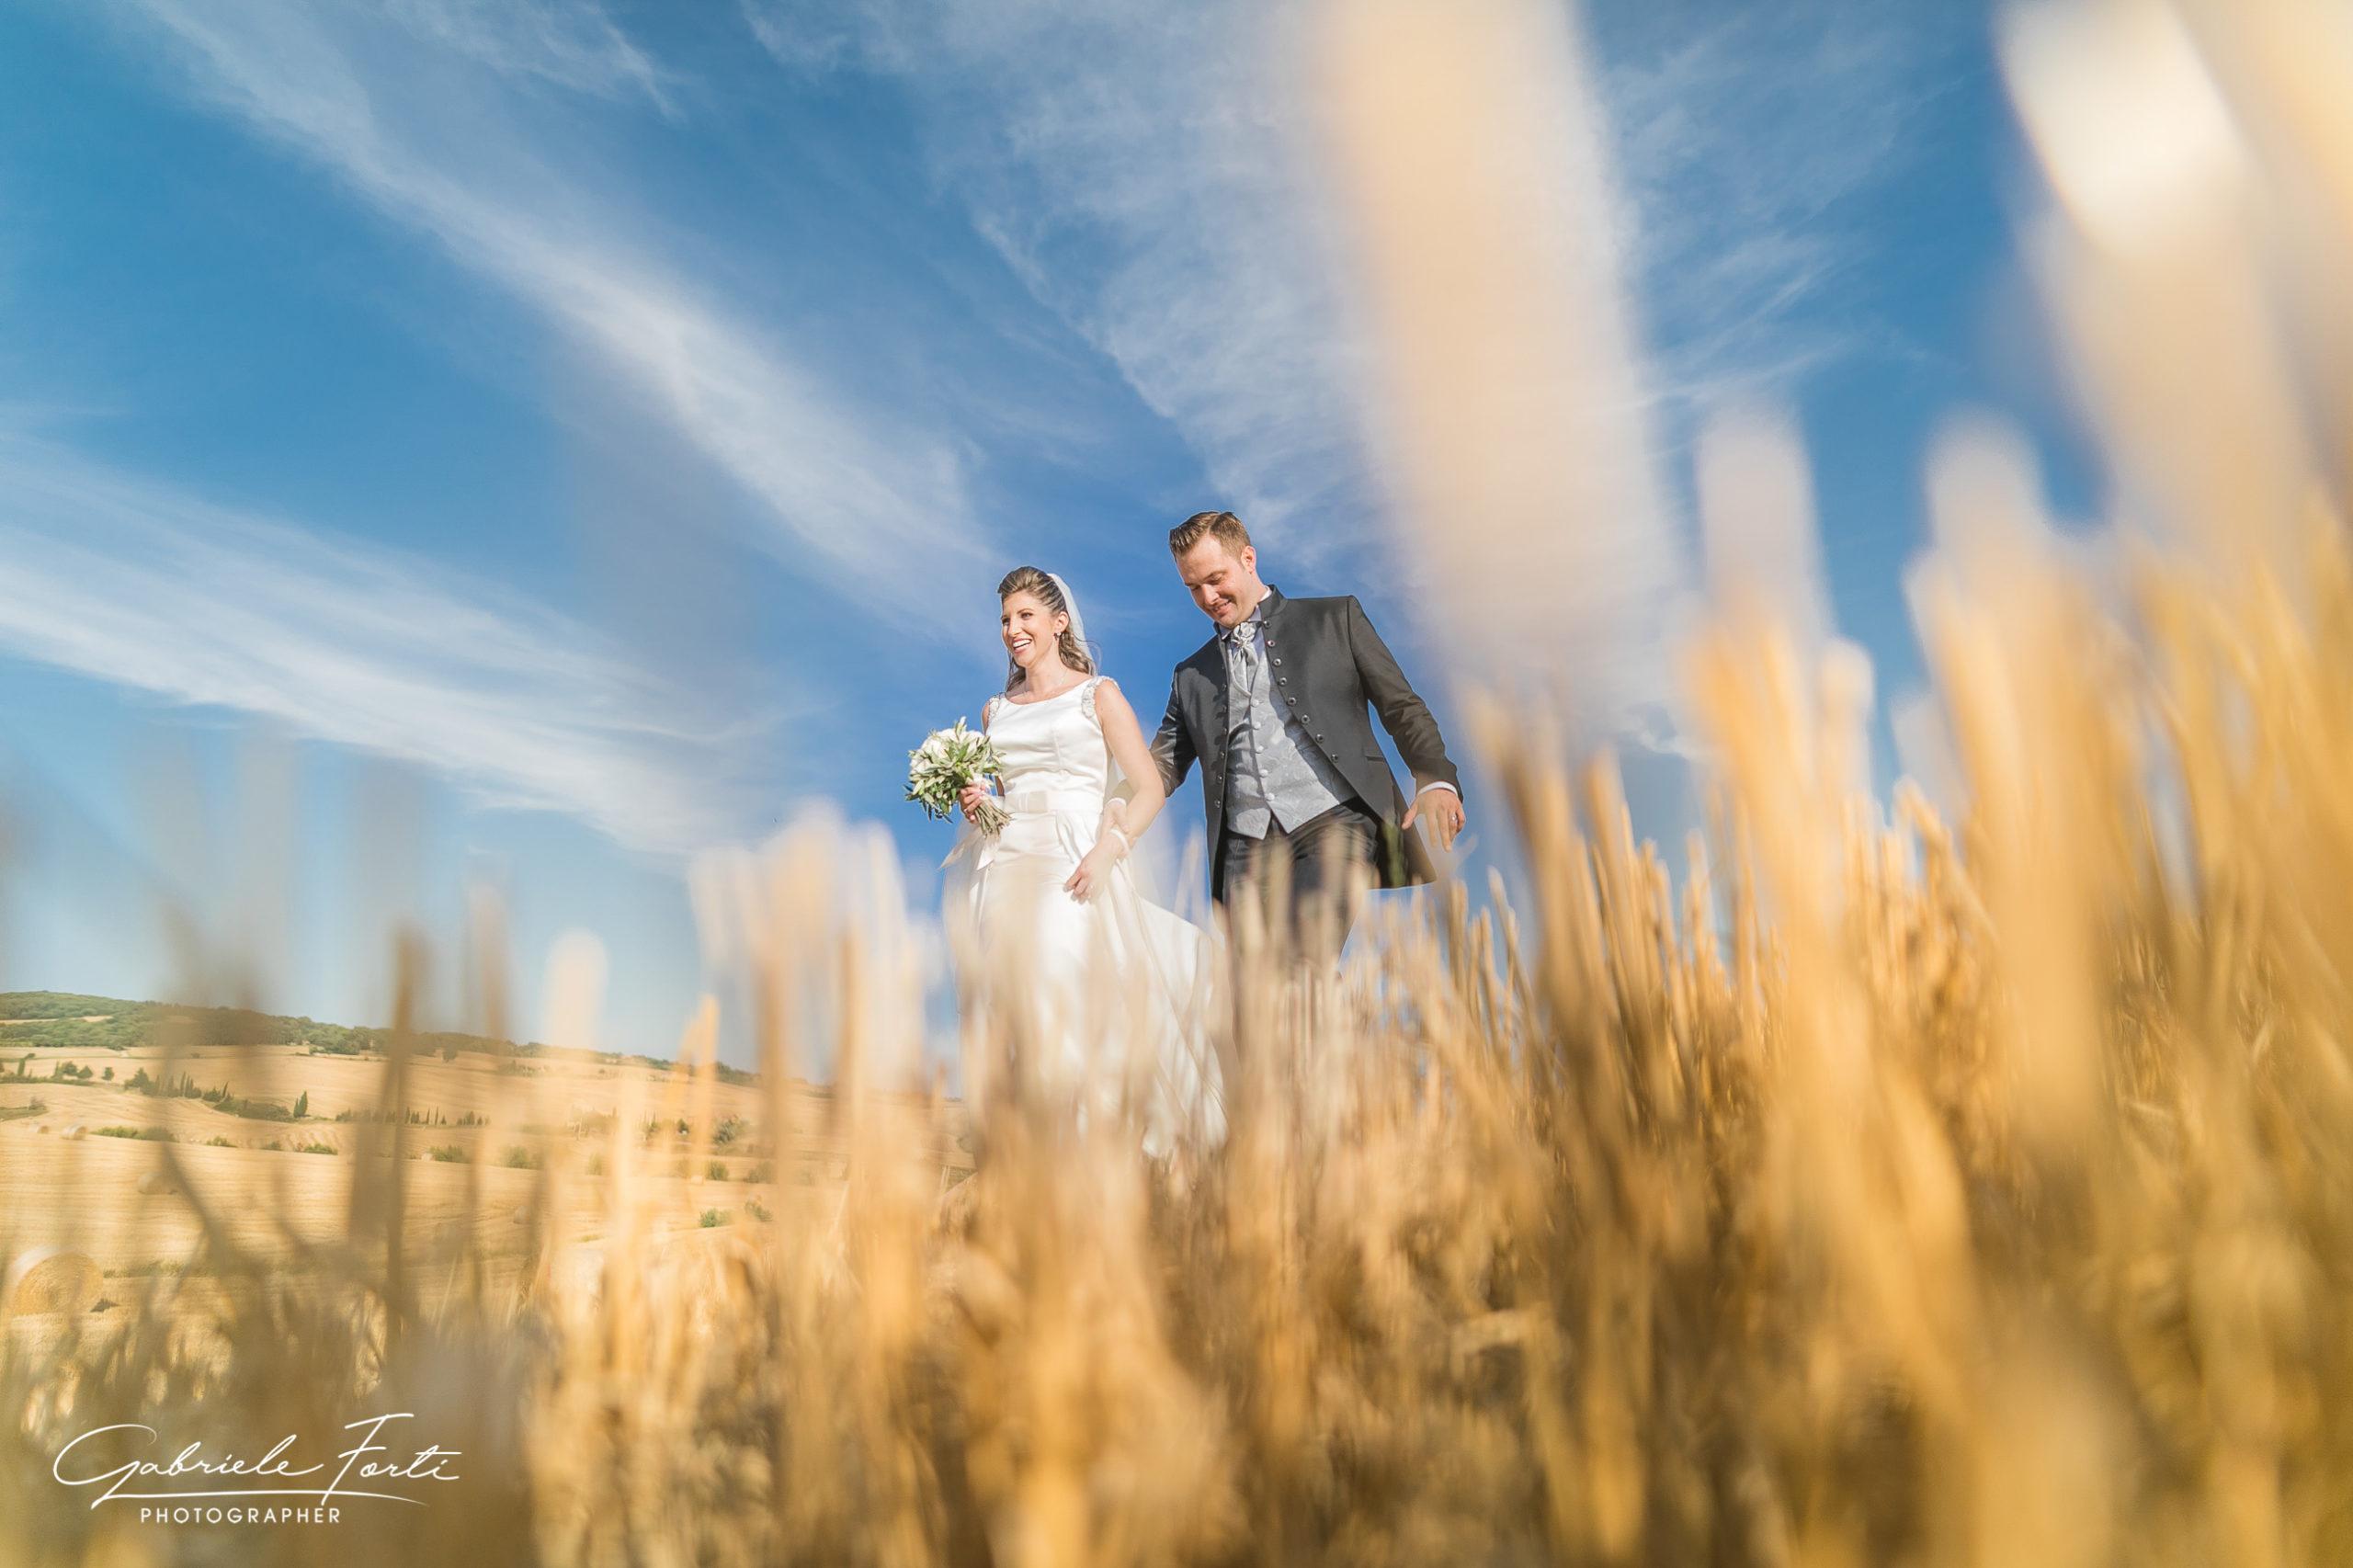 wedding-day-la-rimbecca-siena-pienza-tuscany-foto-forti-gabriele